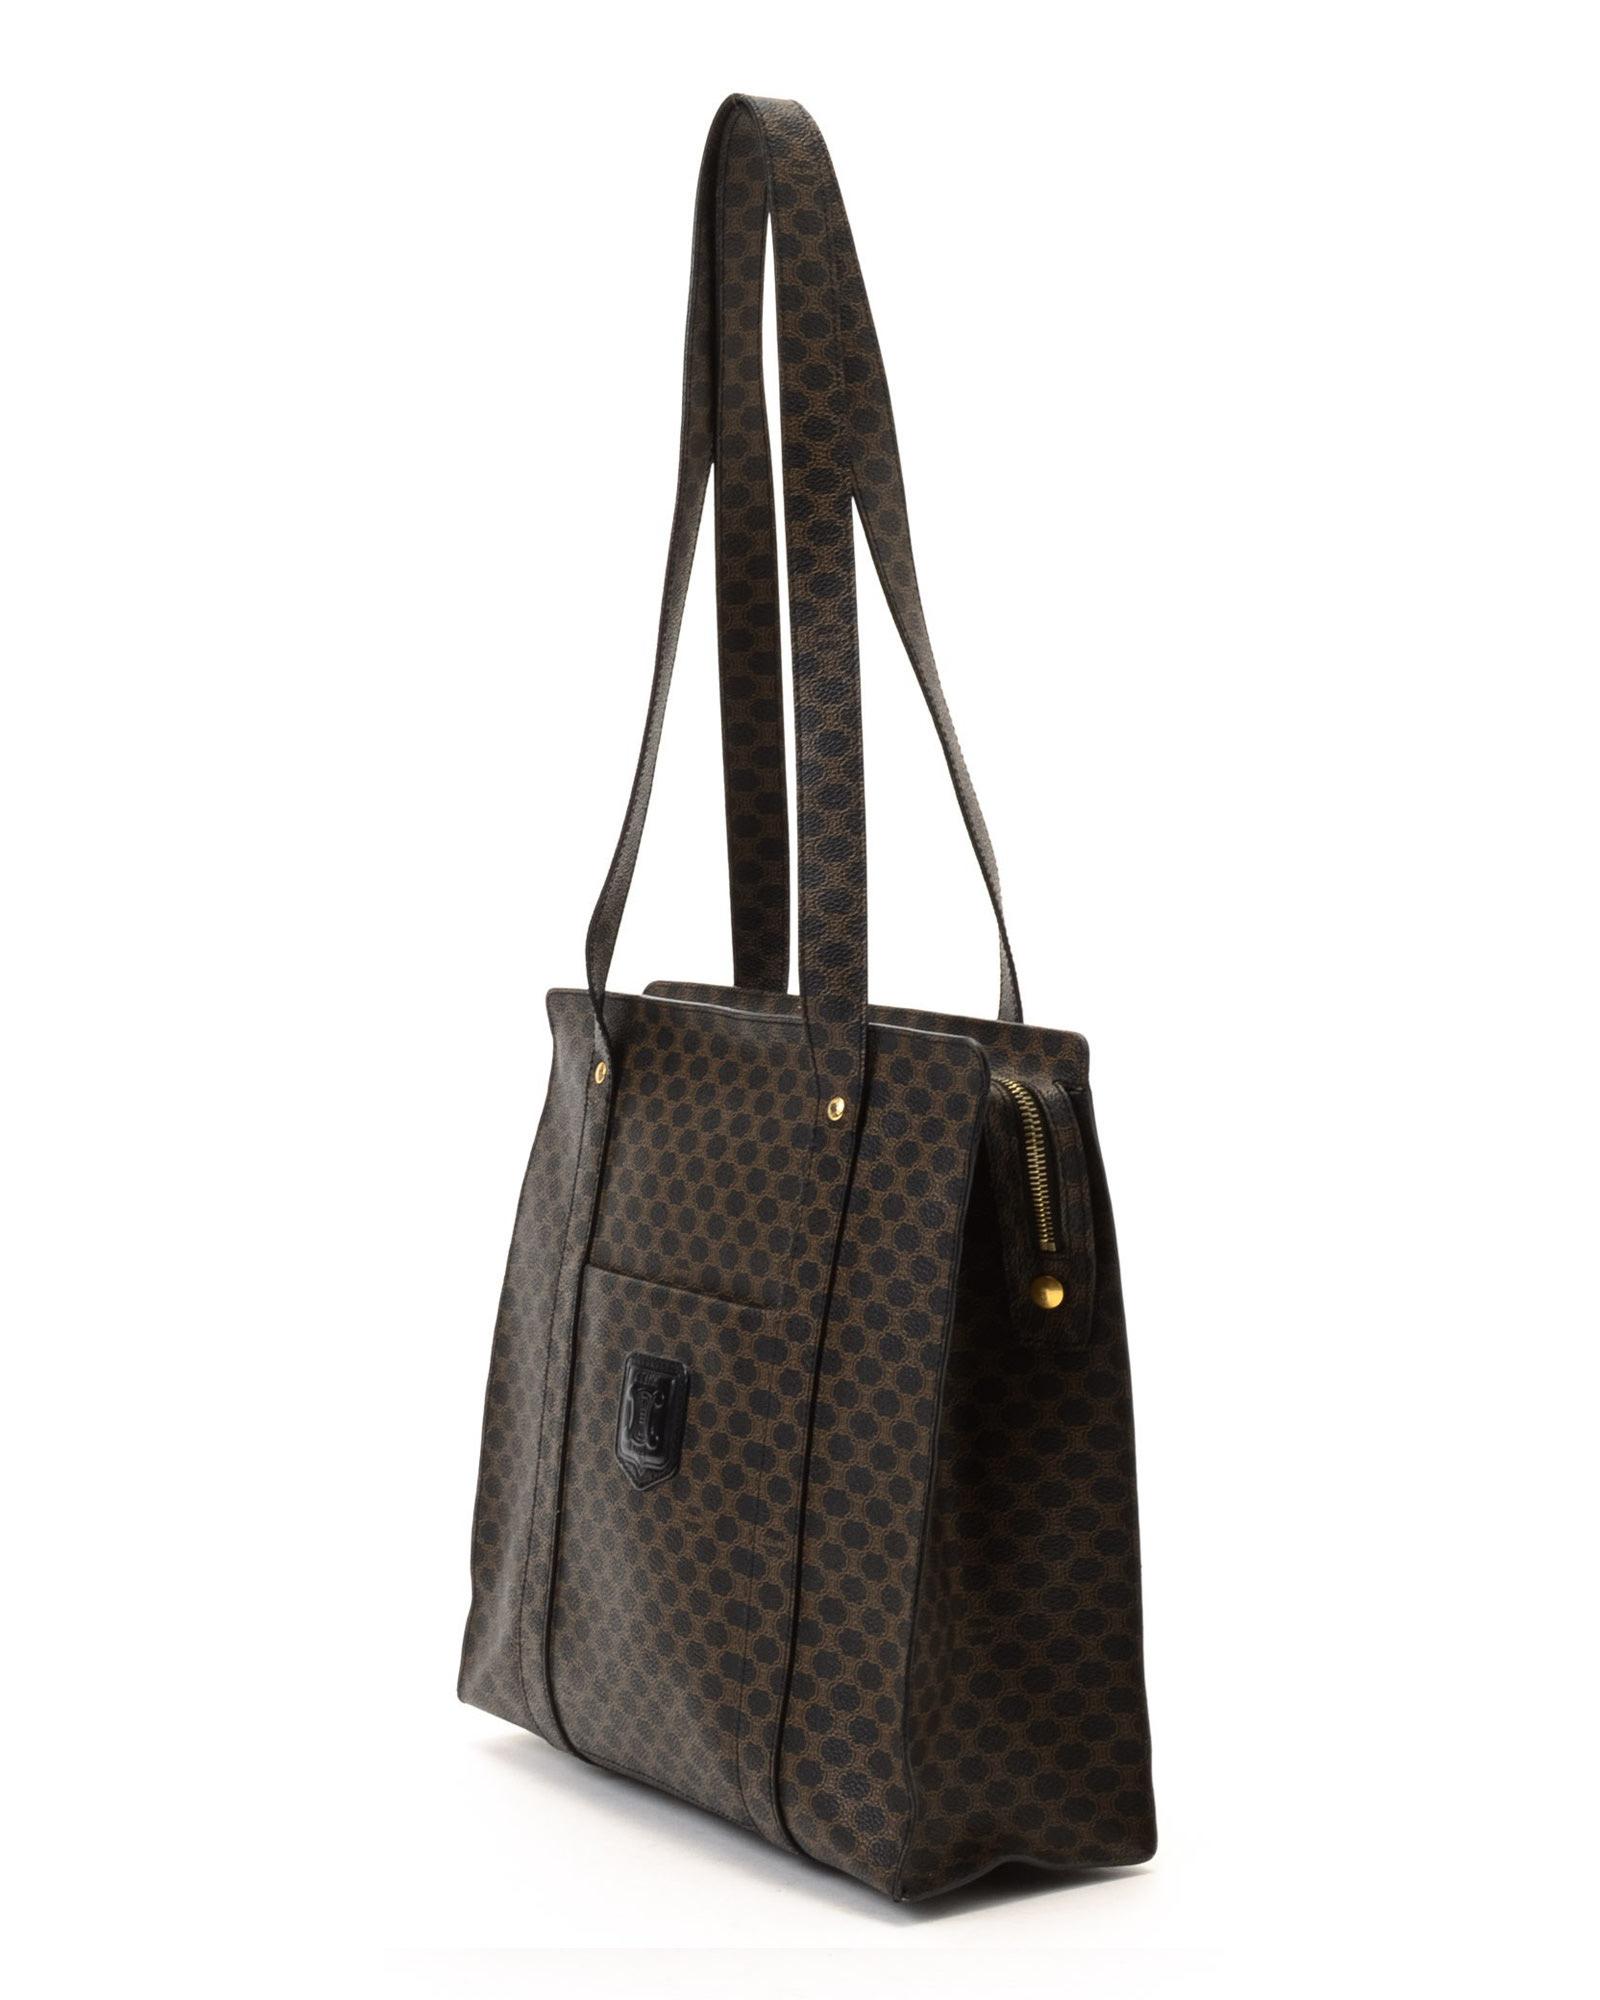 where can i buy celine bag online - celine black tote bag, celine leather tote bag